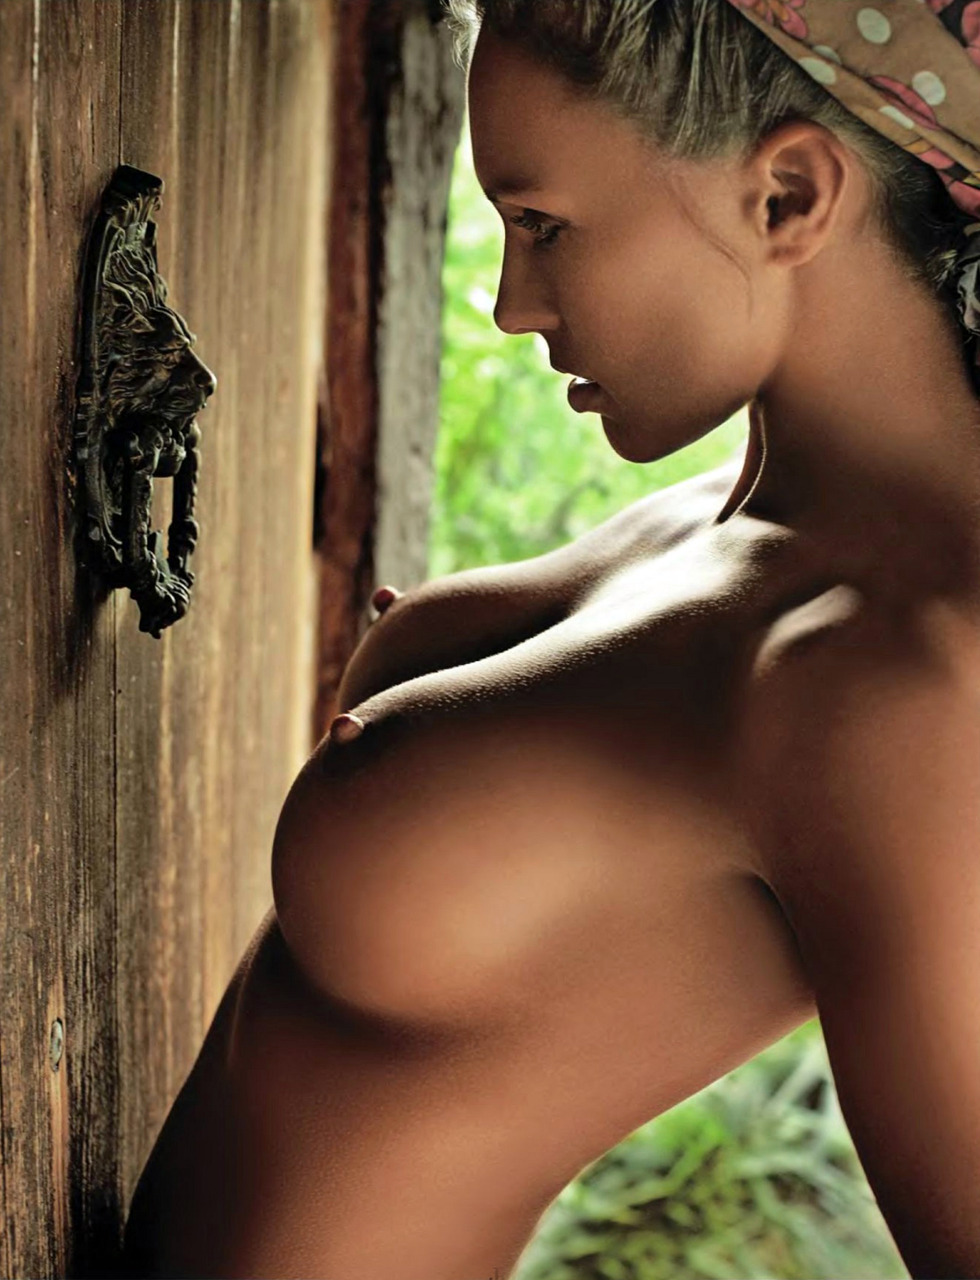 Смотреть фото красивой женской груди бесплатно 26 фотография